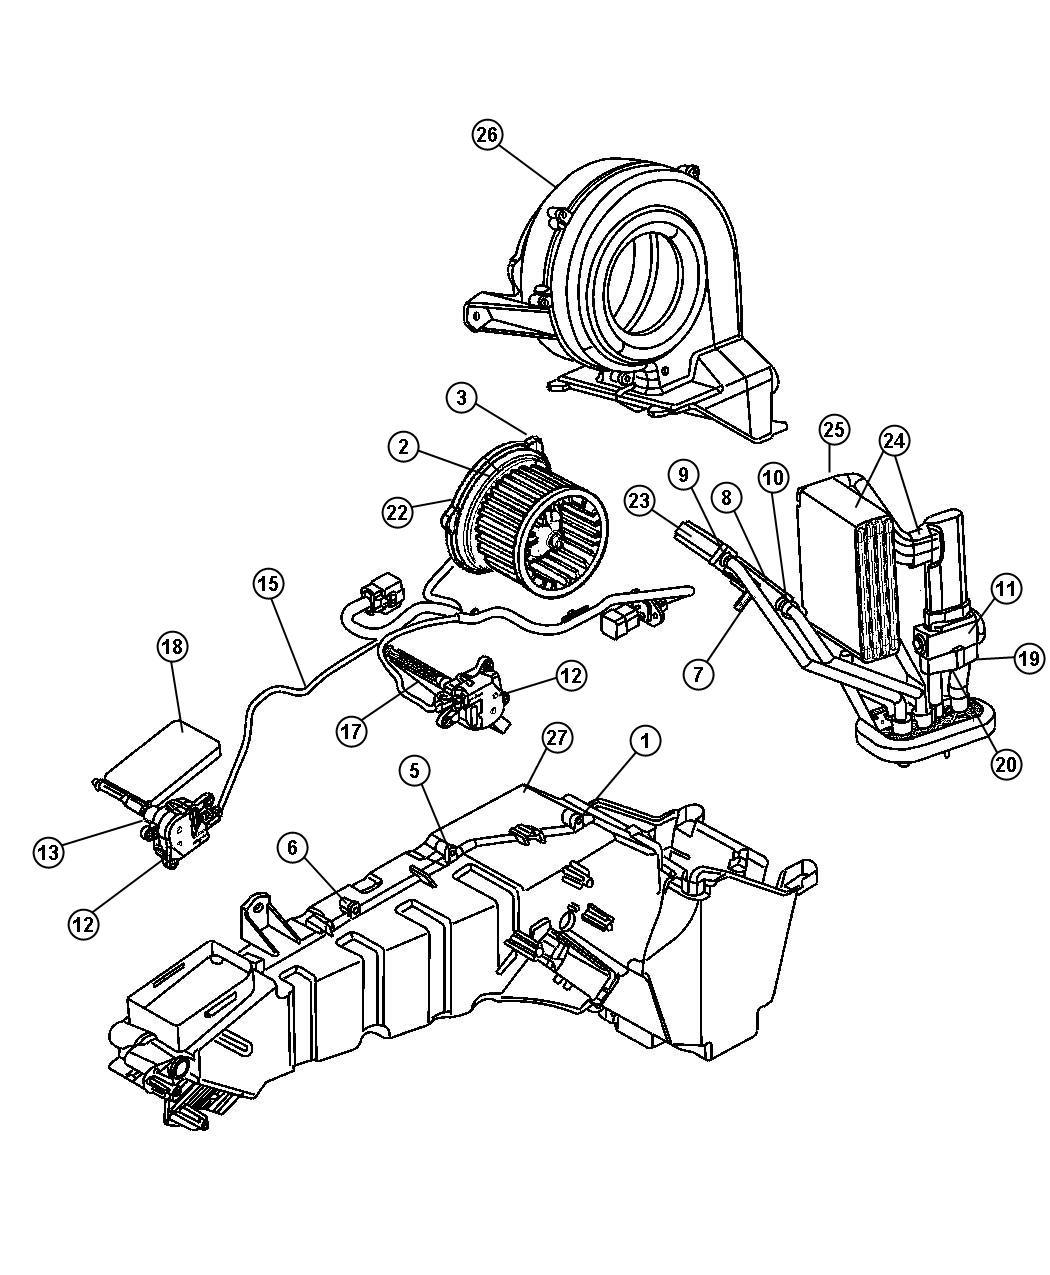 I on Wiring Diagrams 2008 Chrysler Aspen